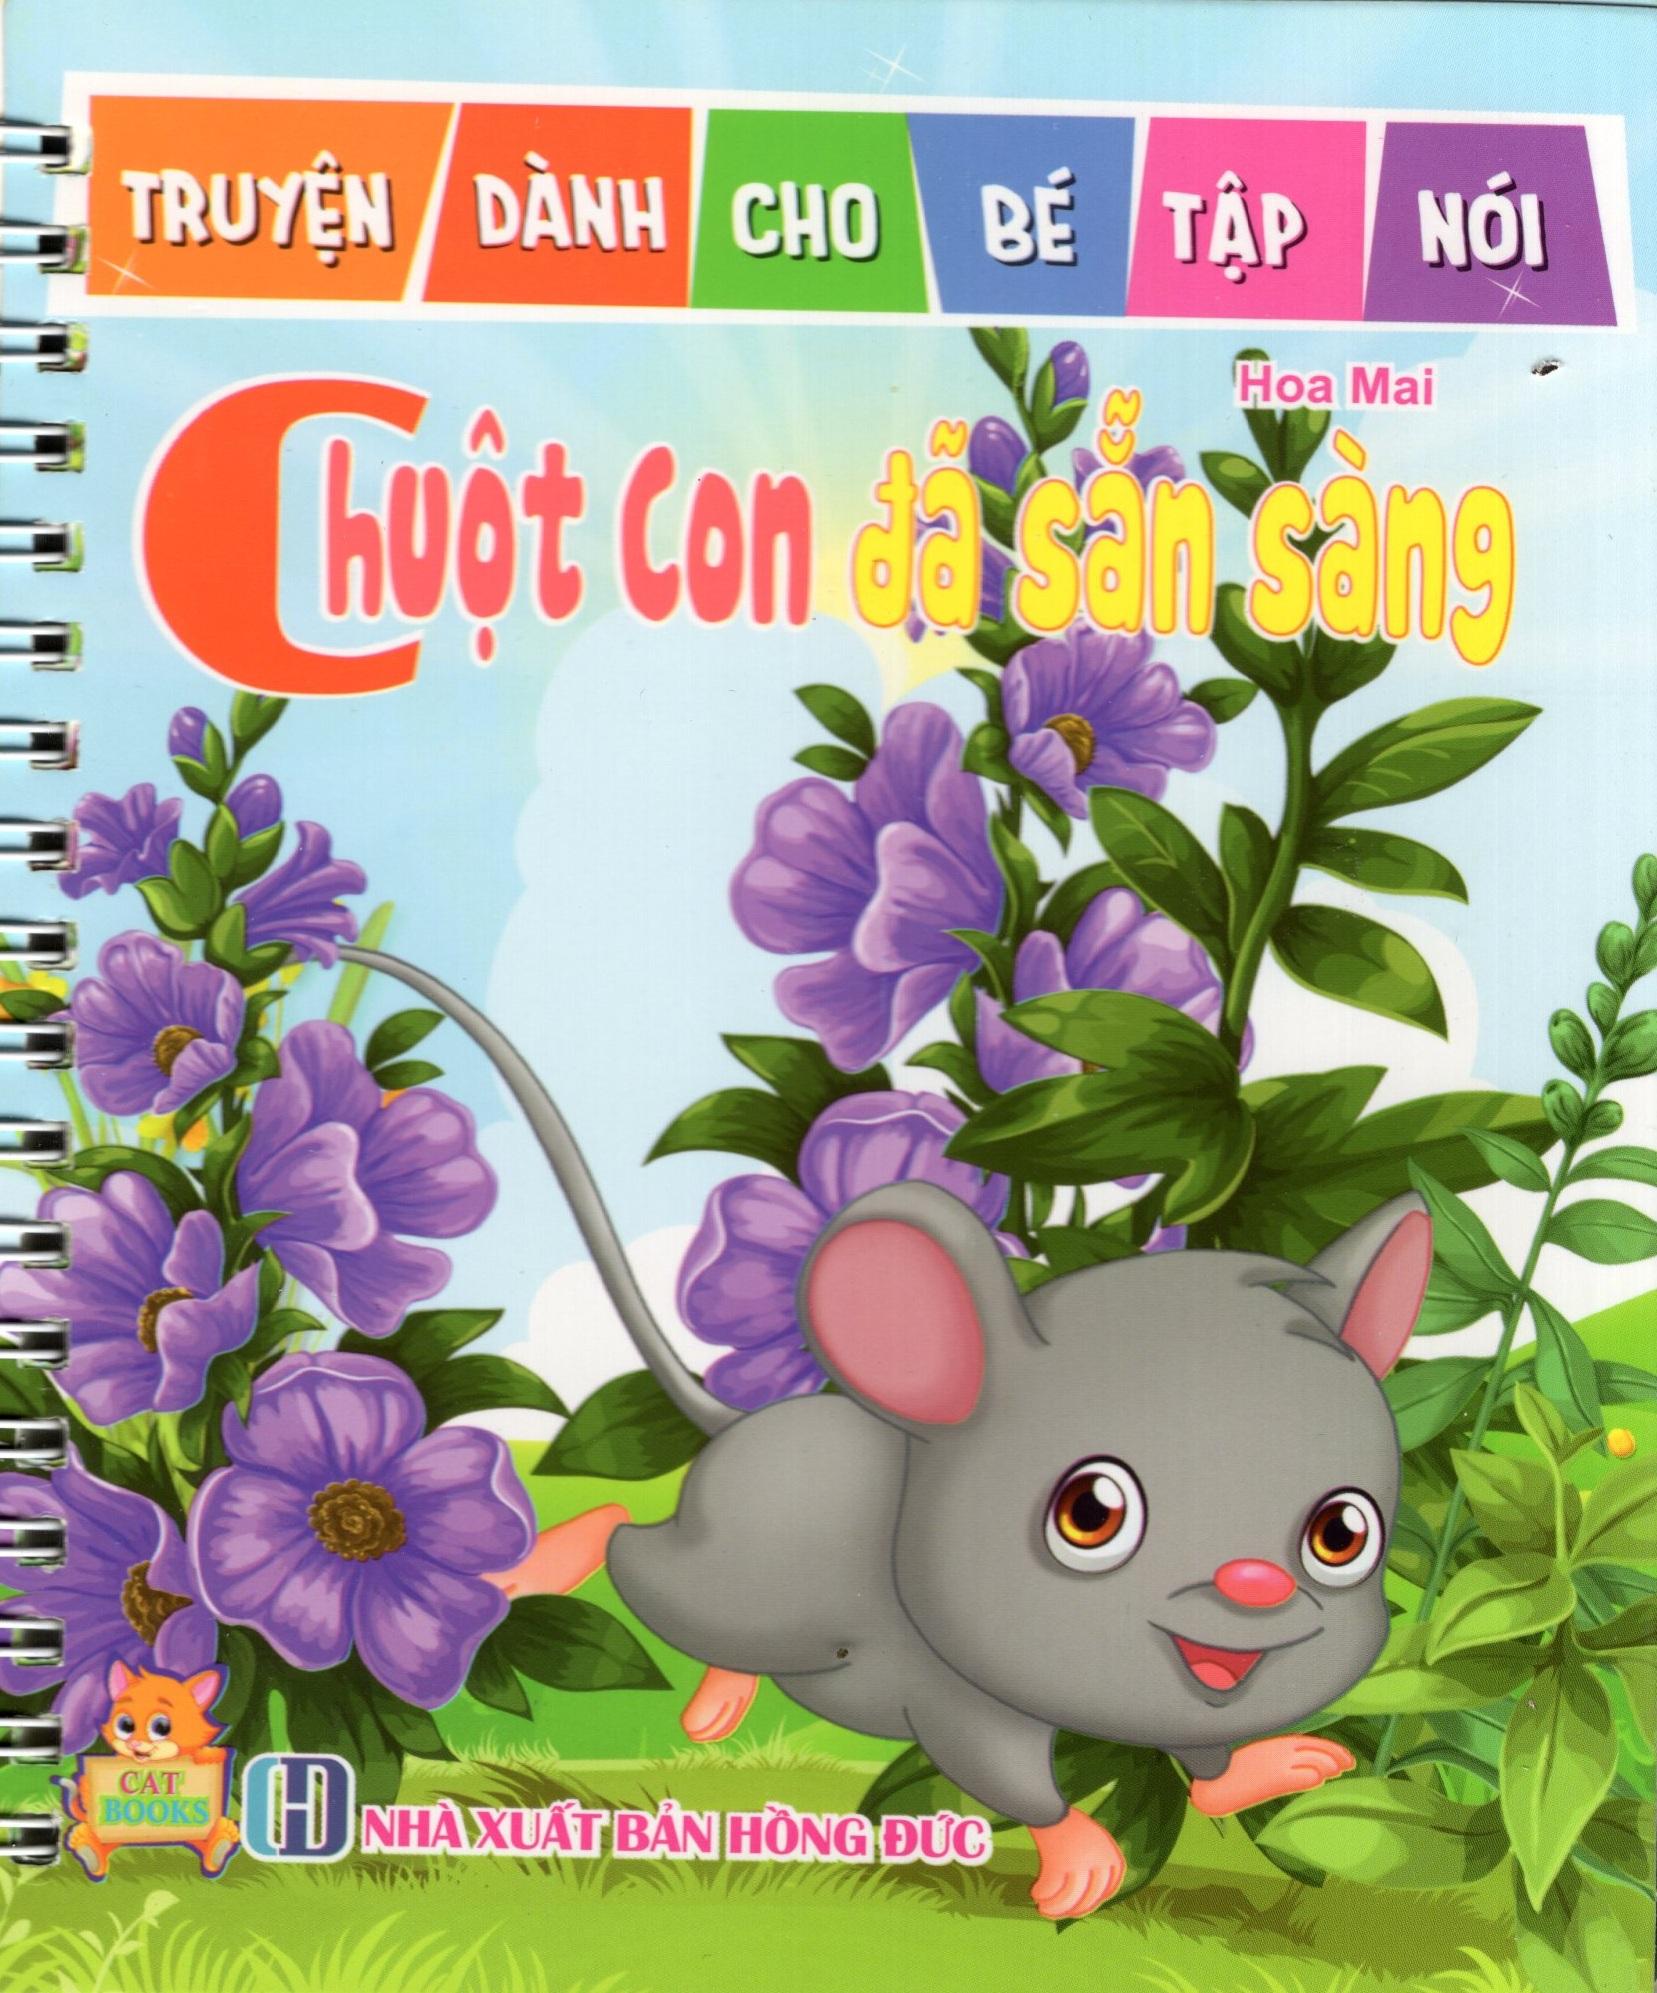 Truyện Dành Cho Bé Tập Nói - Chuột Con Đã Sẵn Sàng